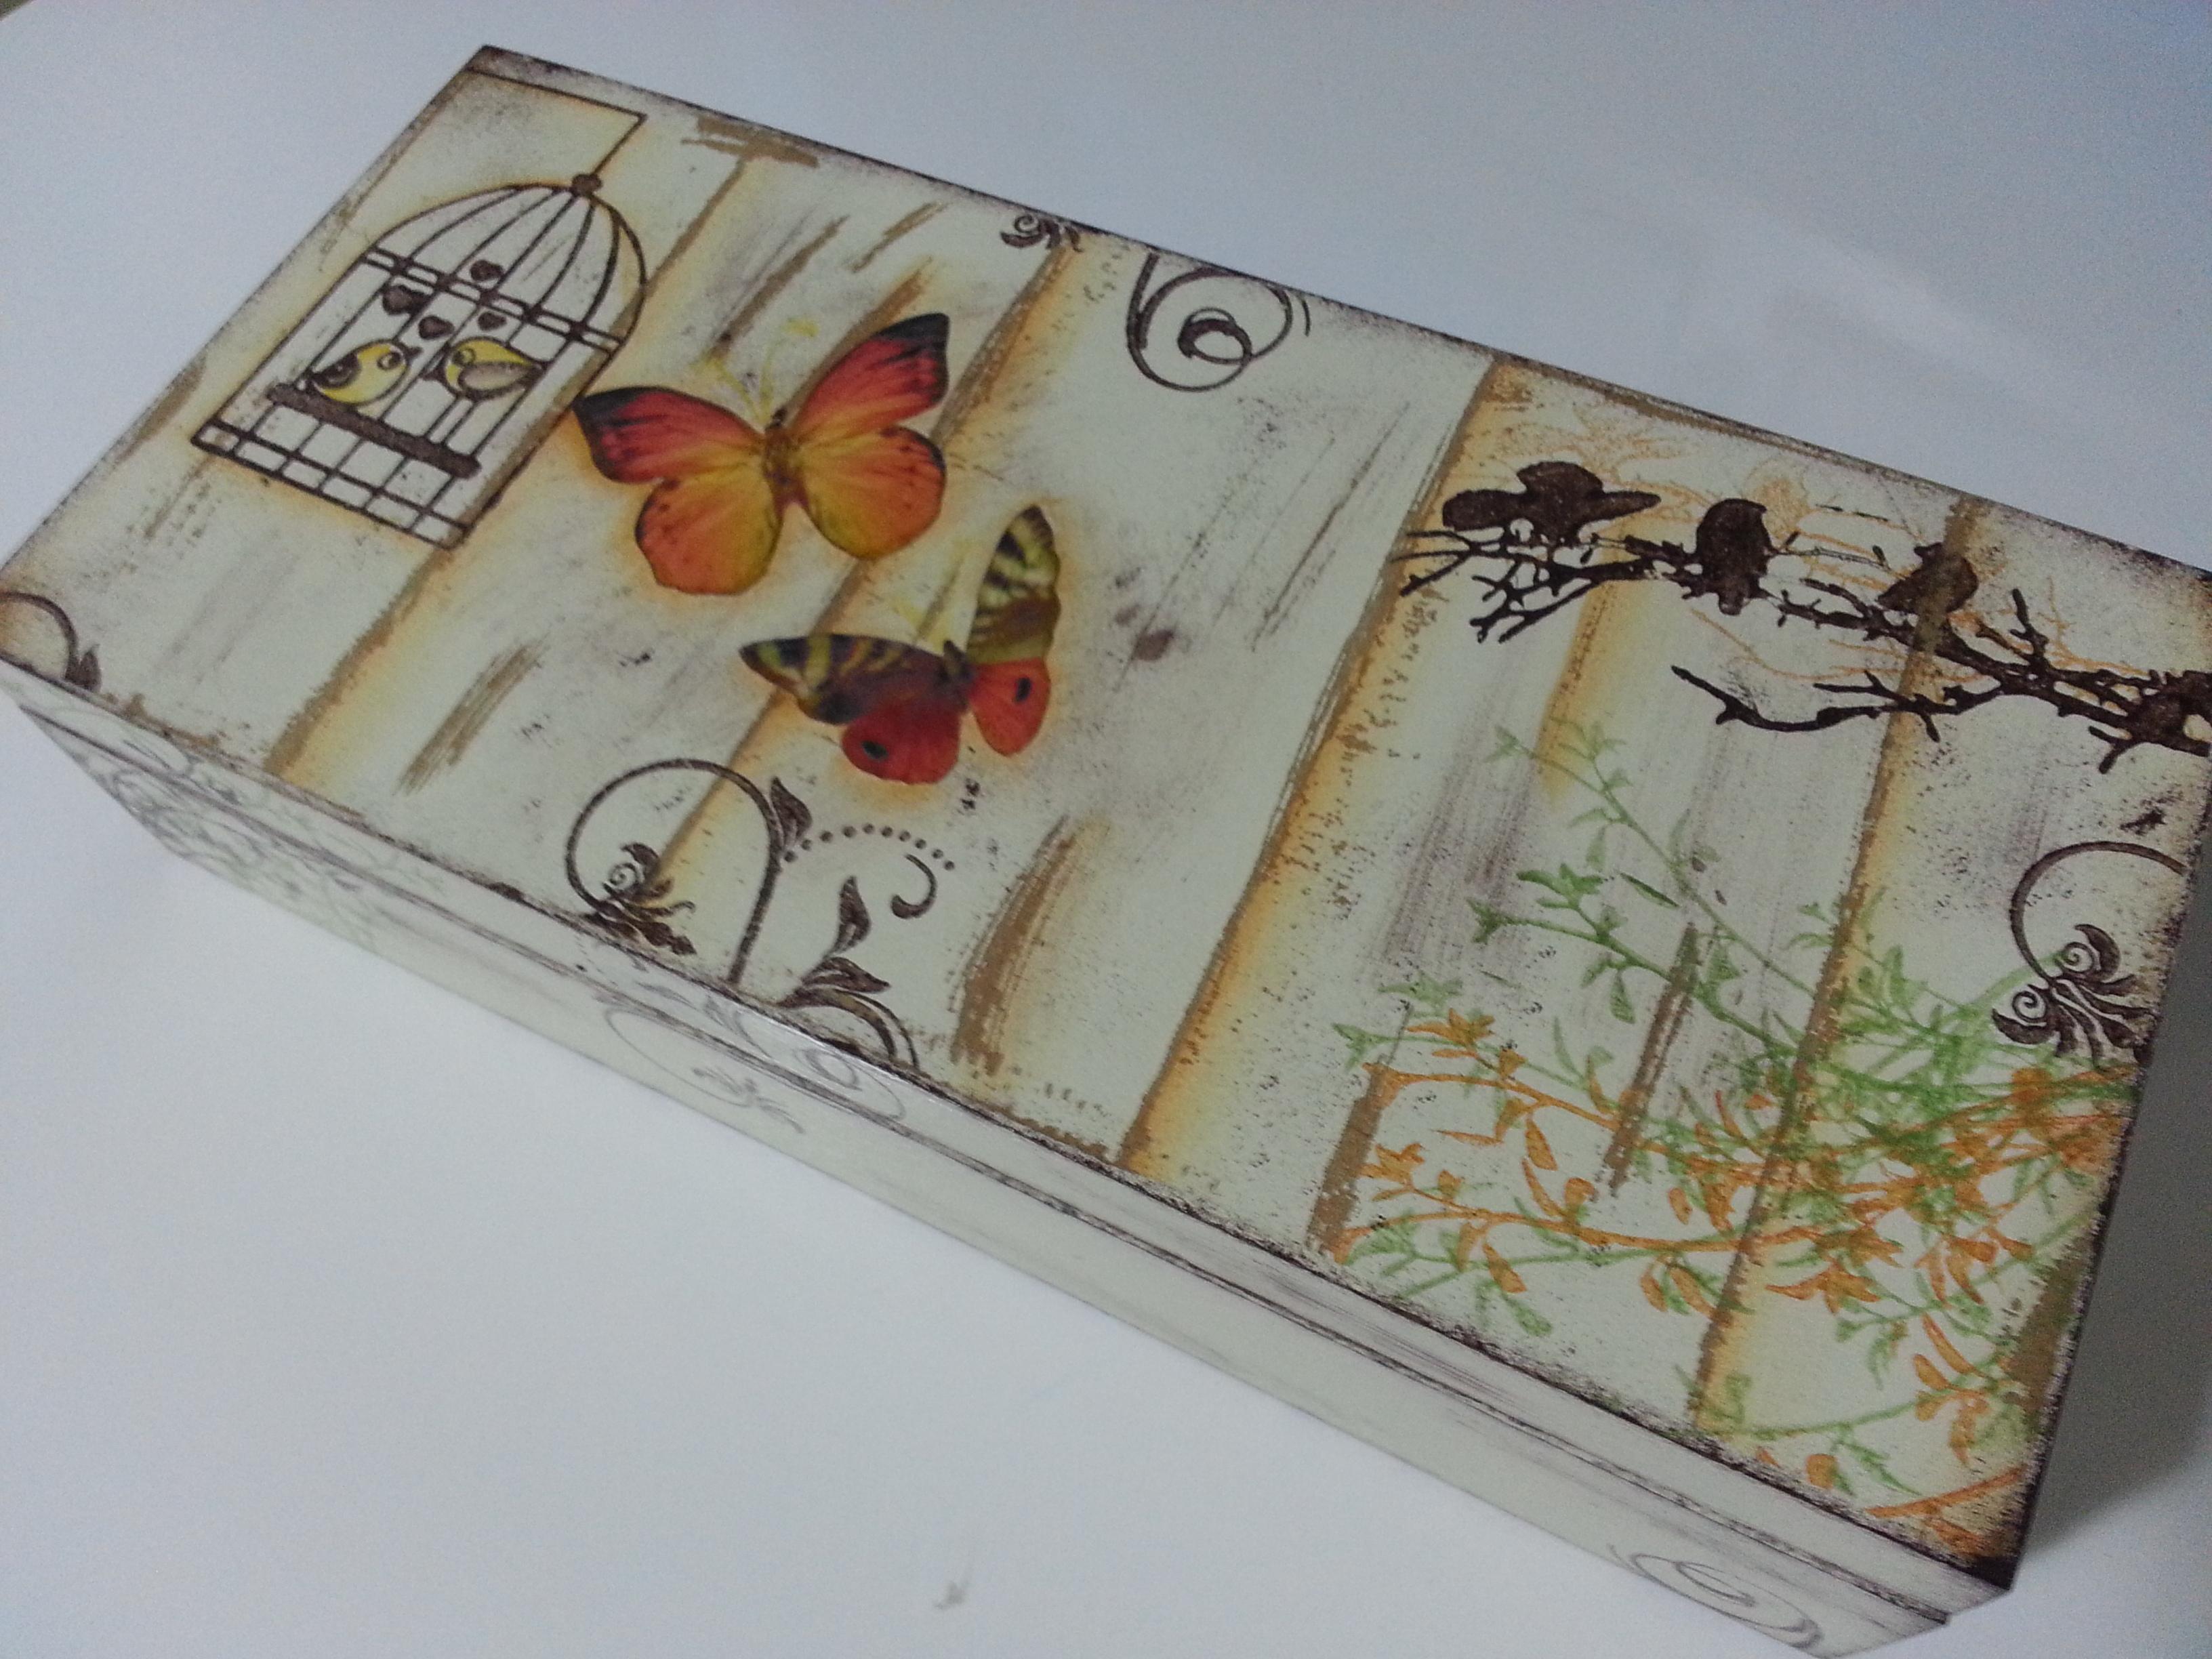 Caixa porta relógios Artes da Iza Elo7 #6D4430 3264x2448